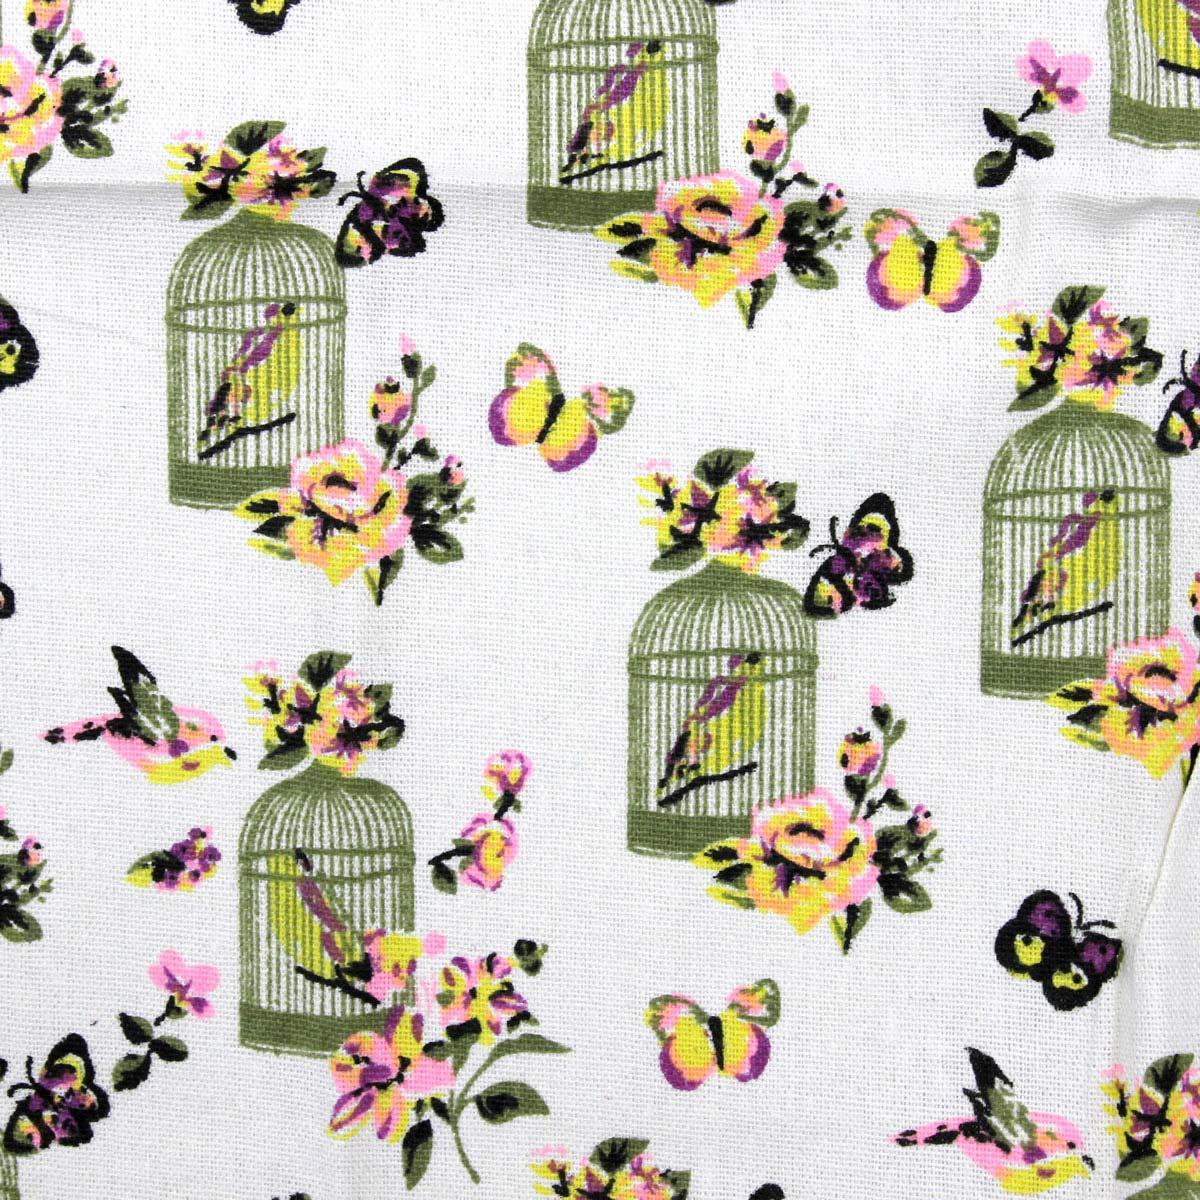 Ткань декоративная 'Птицы в клетке' х/б, 48*48 см